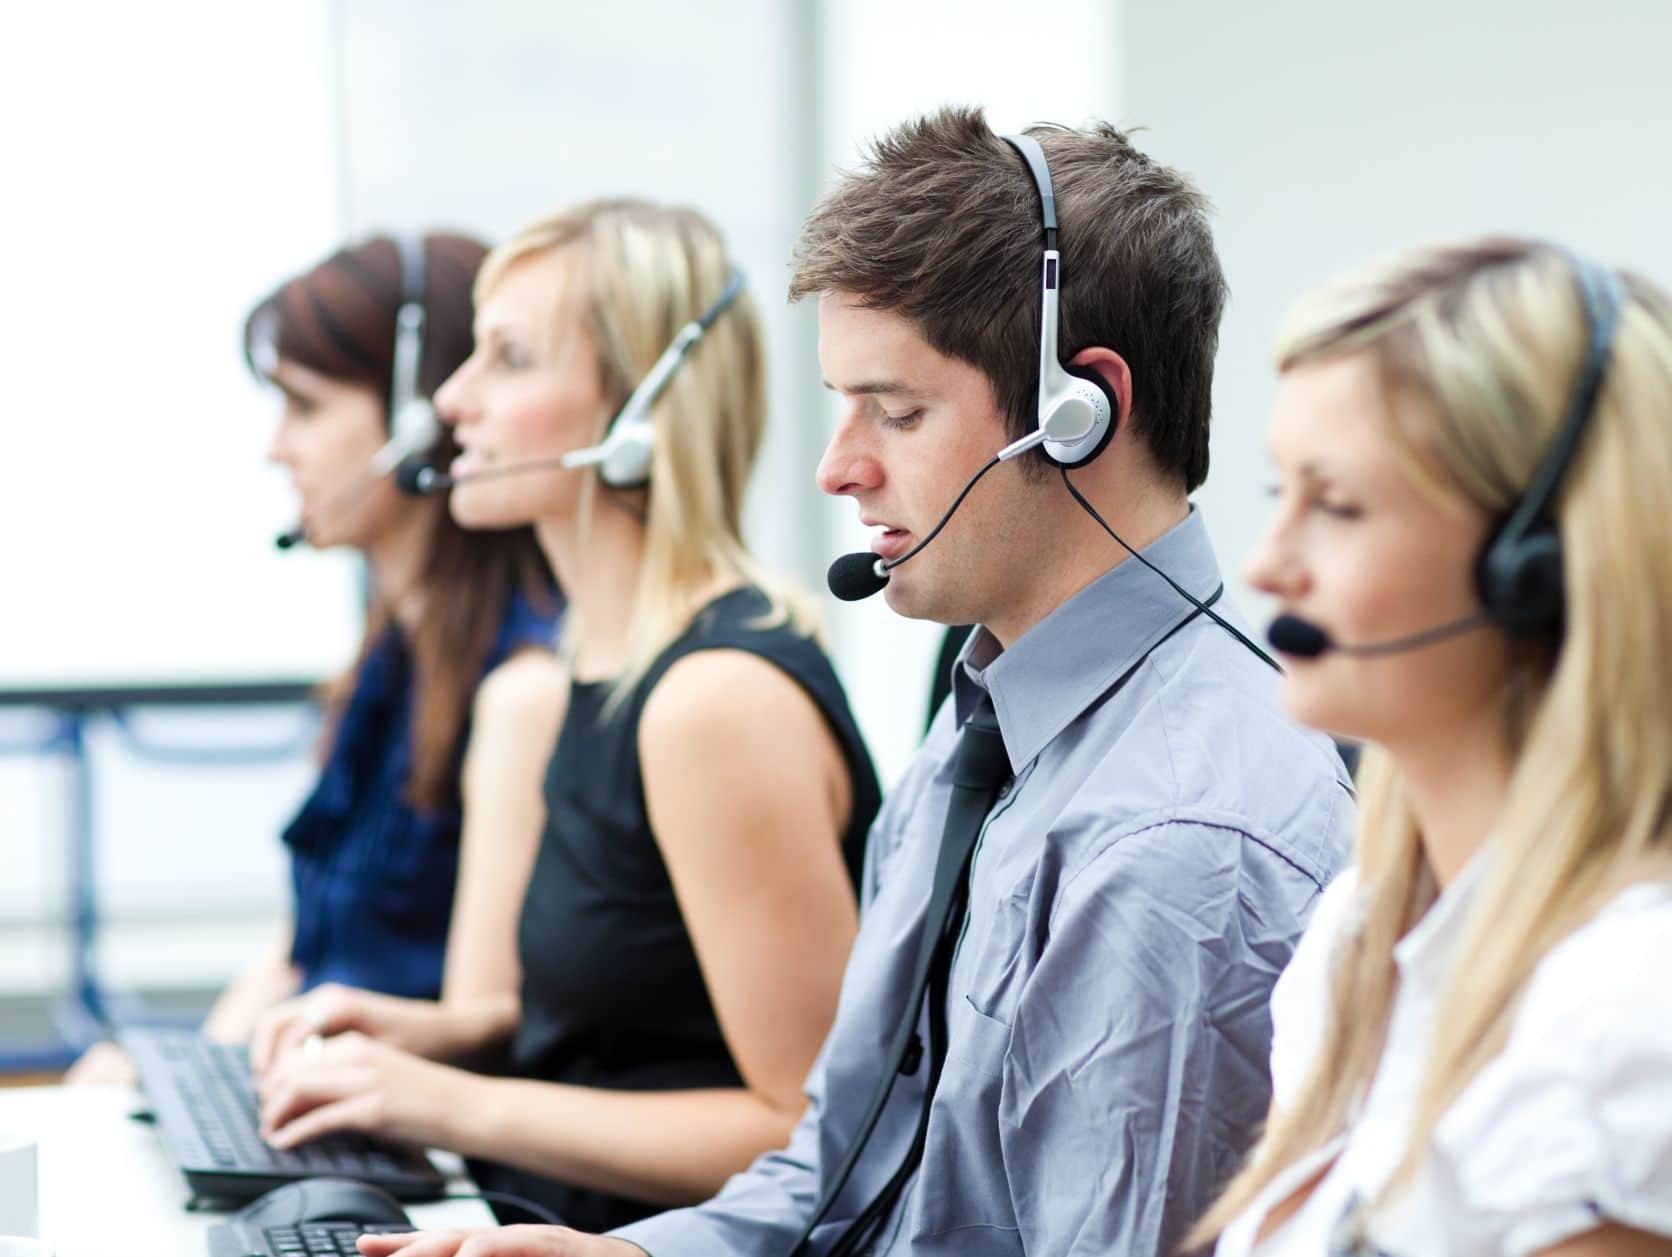 Kako dvigniti učinkovitost klicnega centra? 1